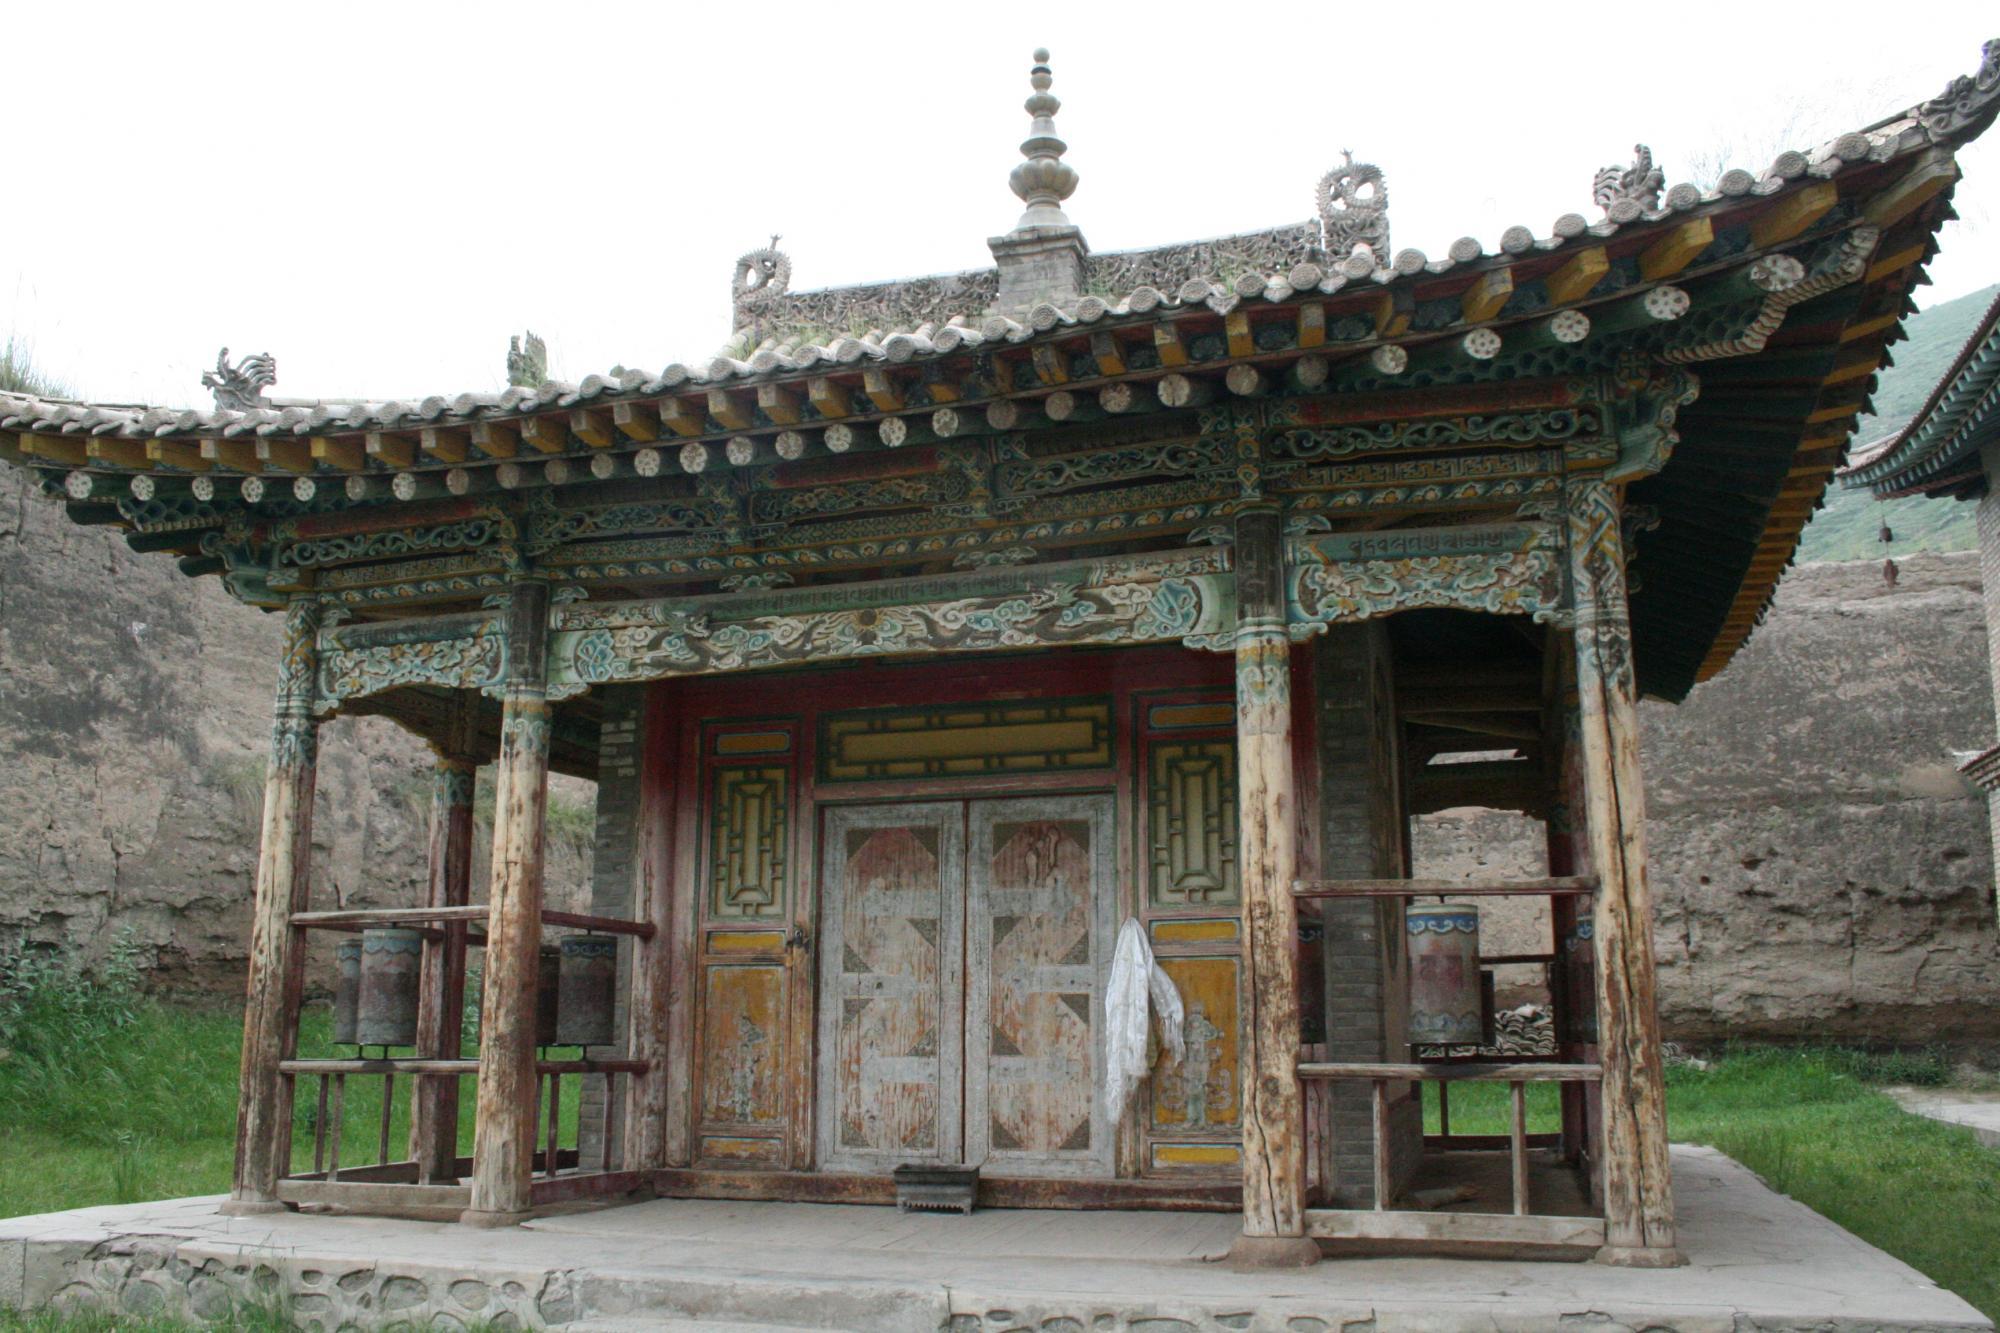 Image of Side Hall, Tsenpo Monastery